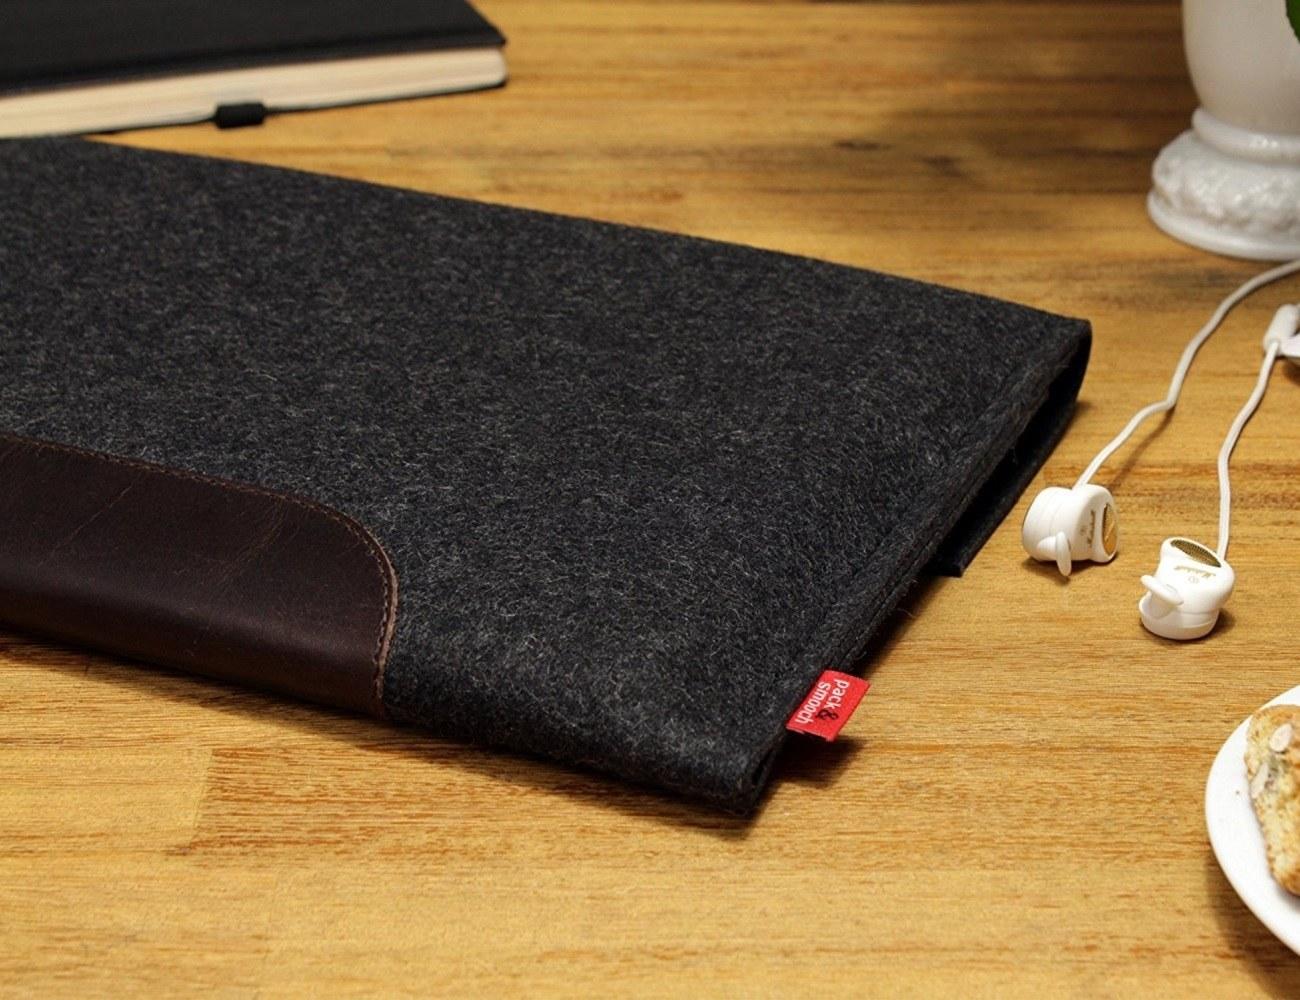 Wool MacBook Sleeve by Pack & Smooch